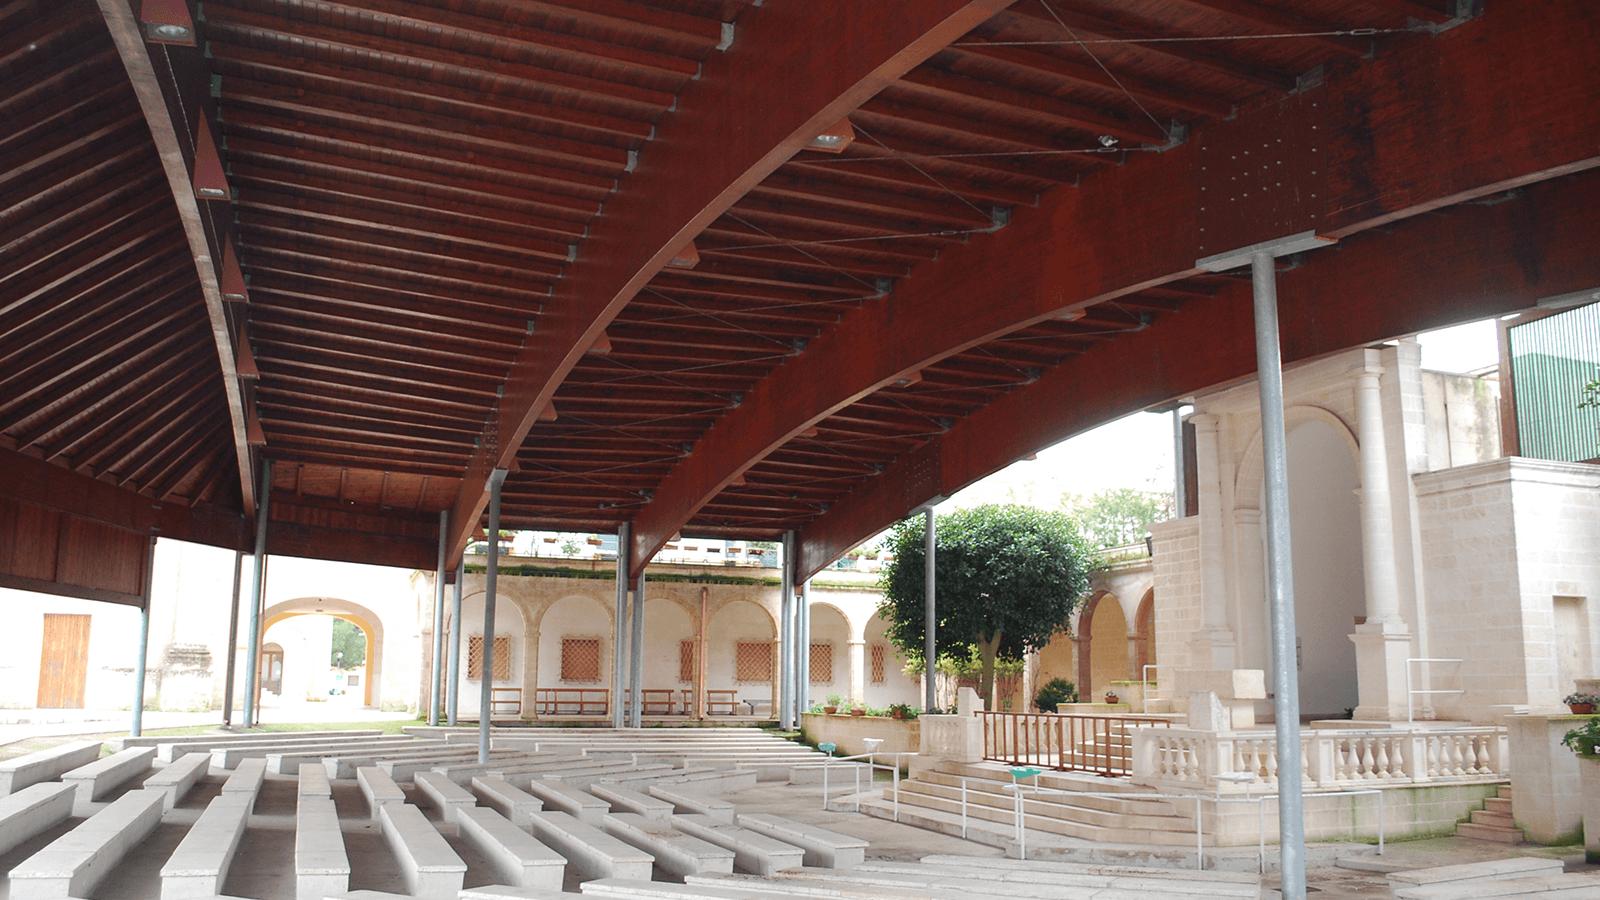 una grossa copertura in legno e sotto della panchine in marmo